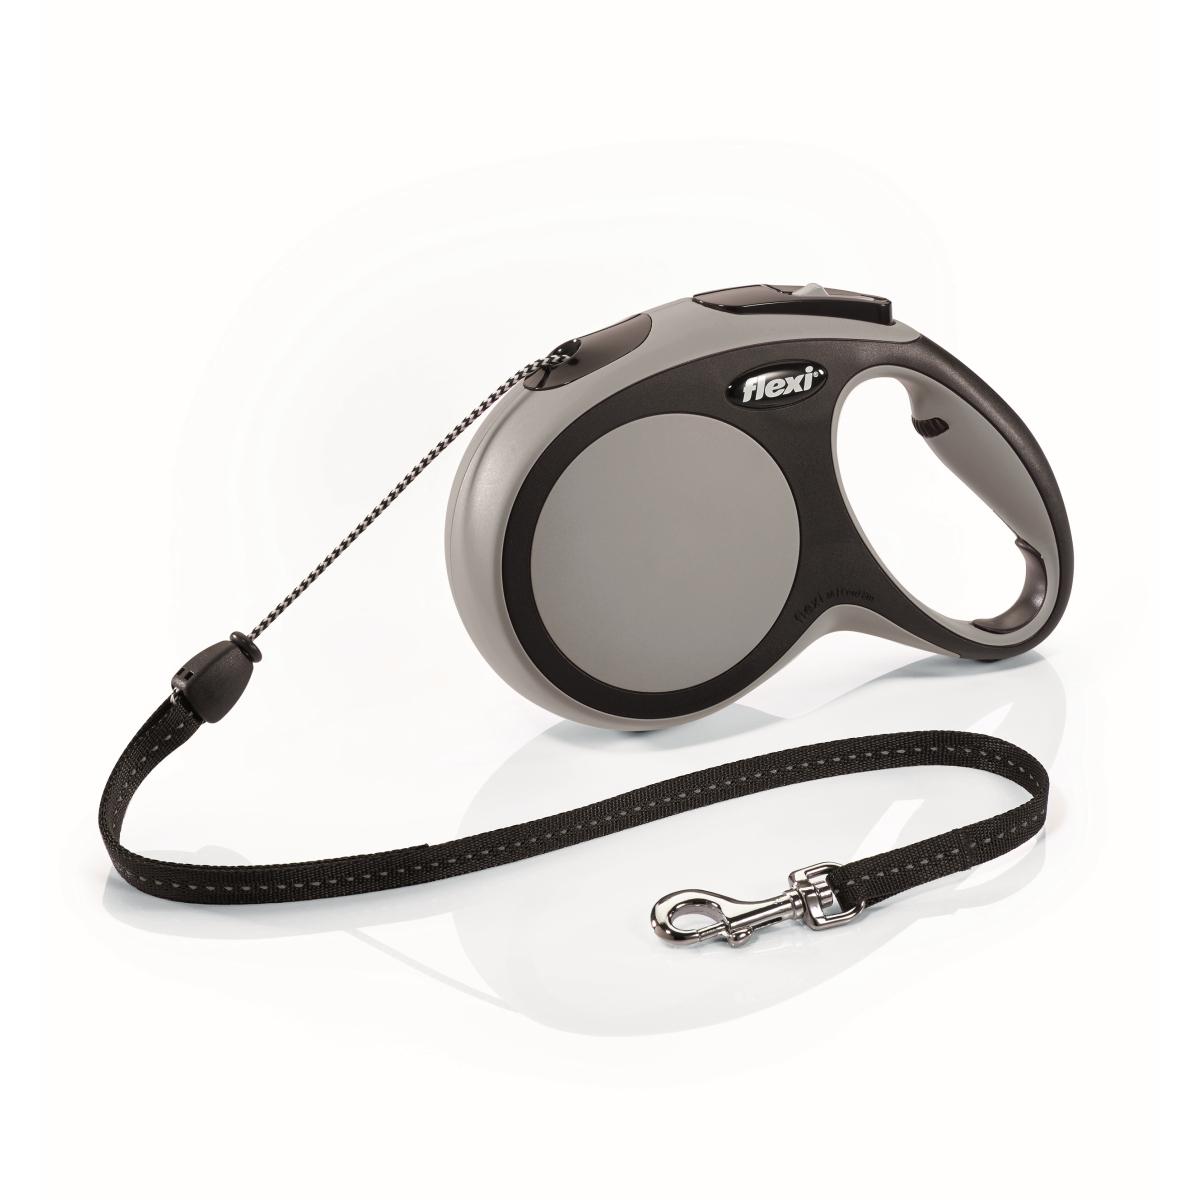 Flexi - new comfort cord m - 8 m grijs